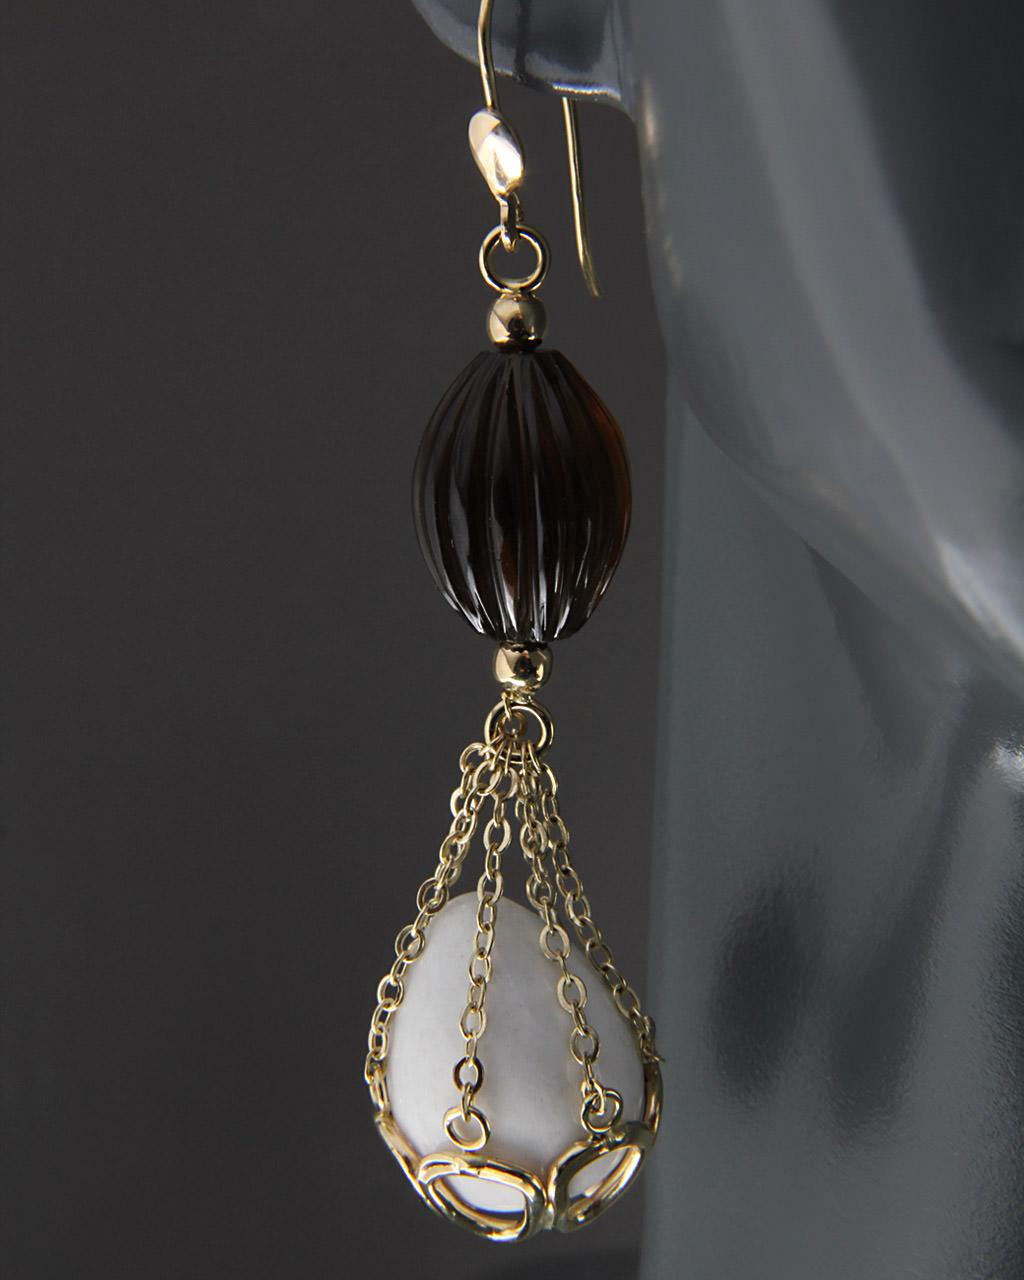 Σκουλαρίκια χρυσά Κ14 με Quartz & Αχάτη   γυναικα σκουλαρίκια σκουλαρίκια ημιπολύτιμοι λίθοι